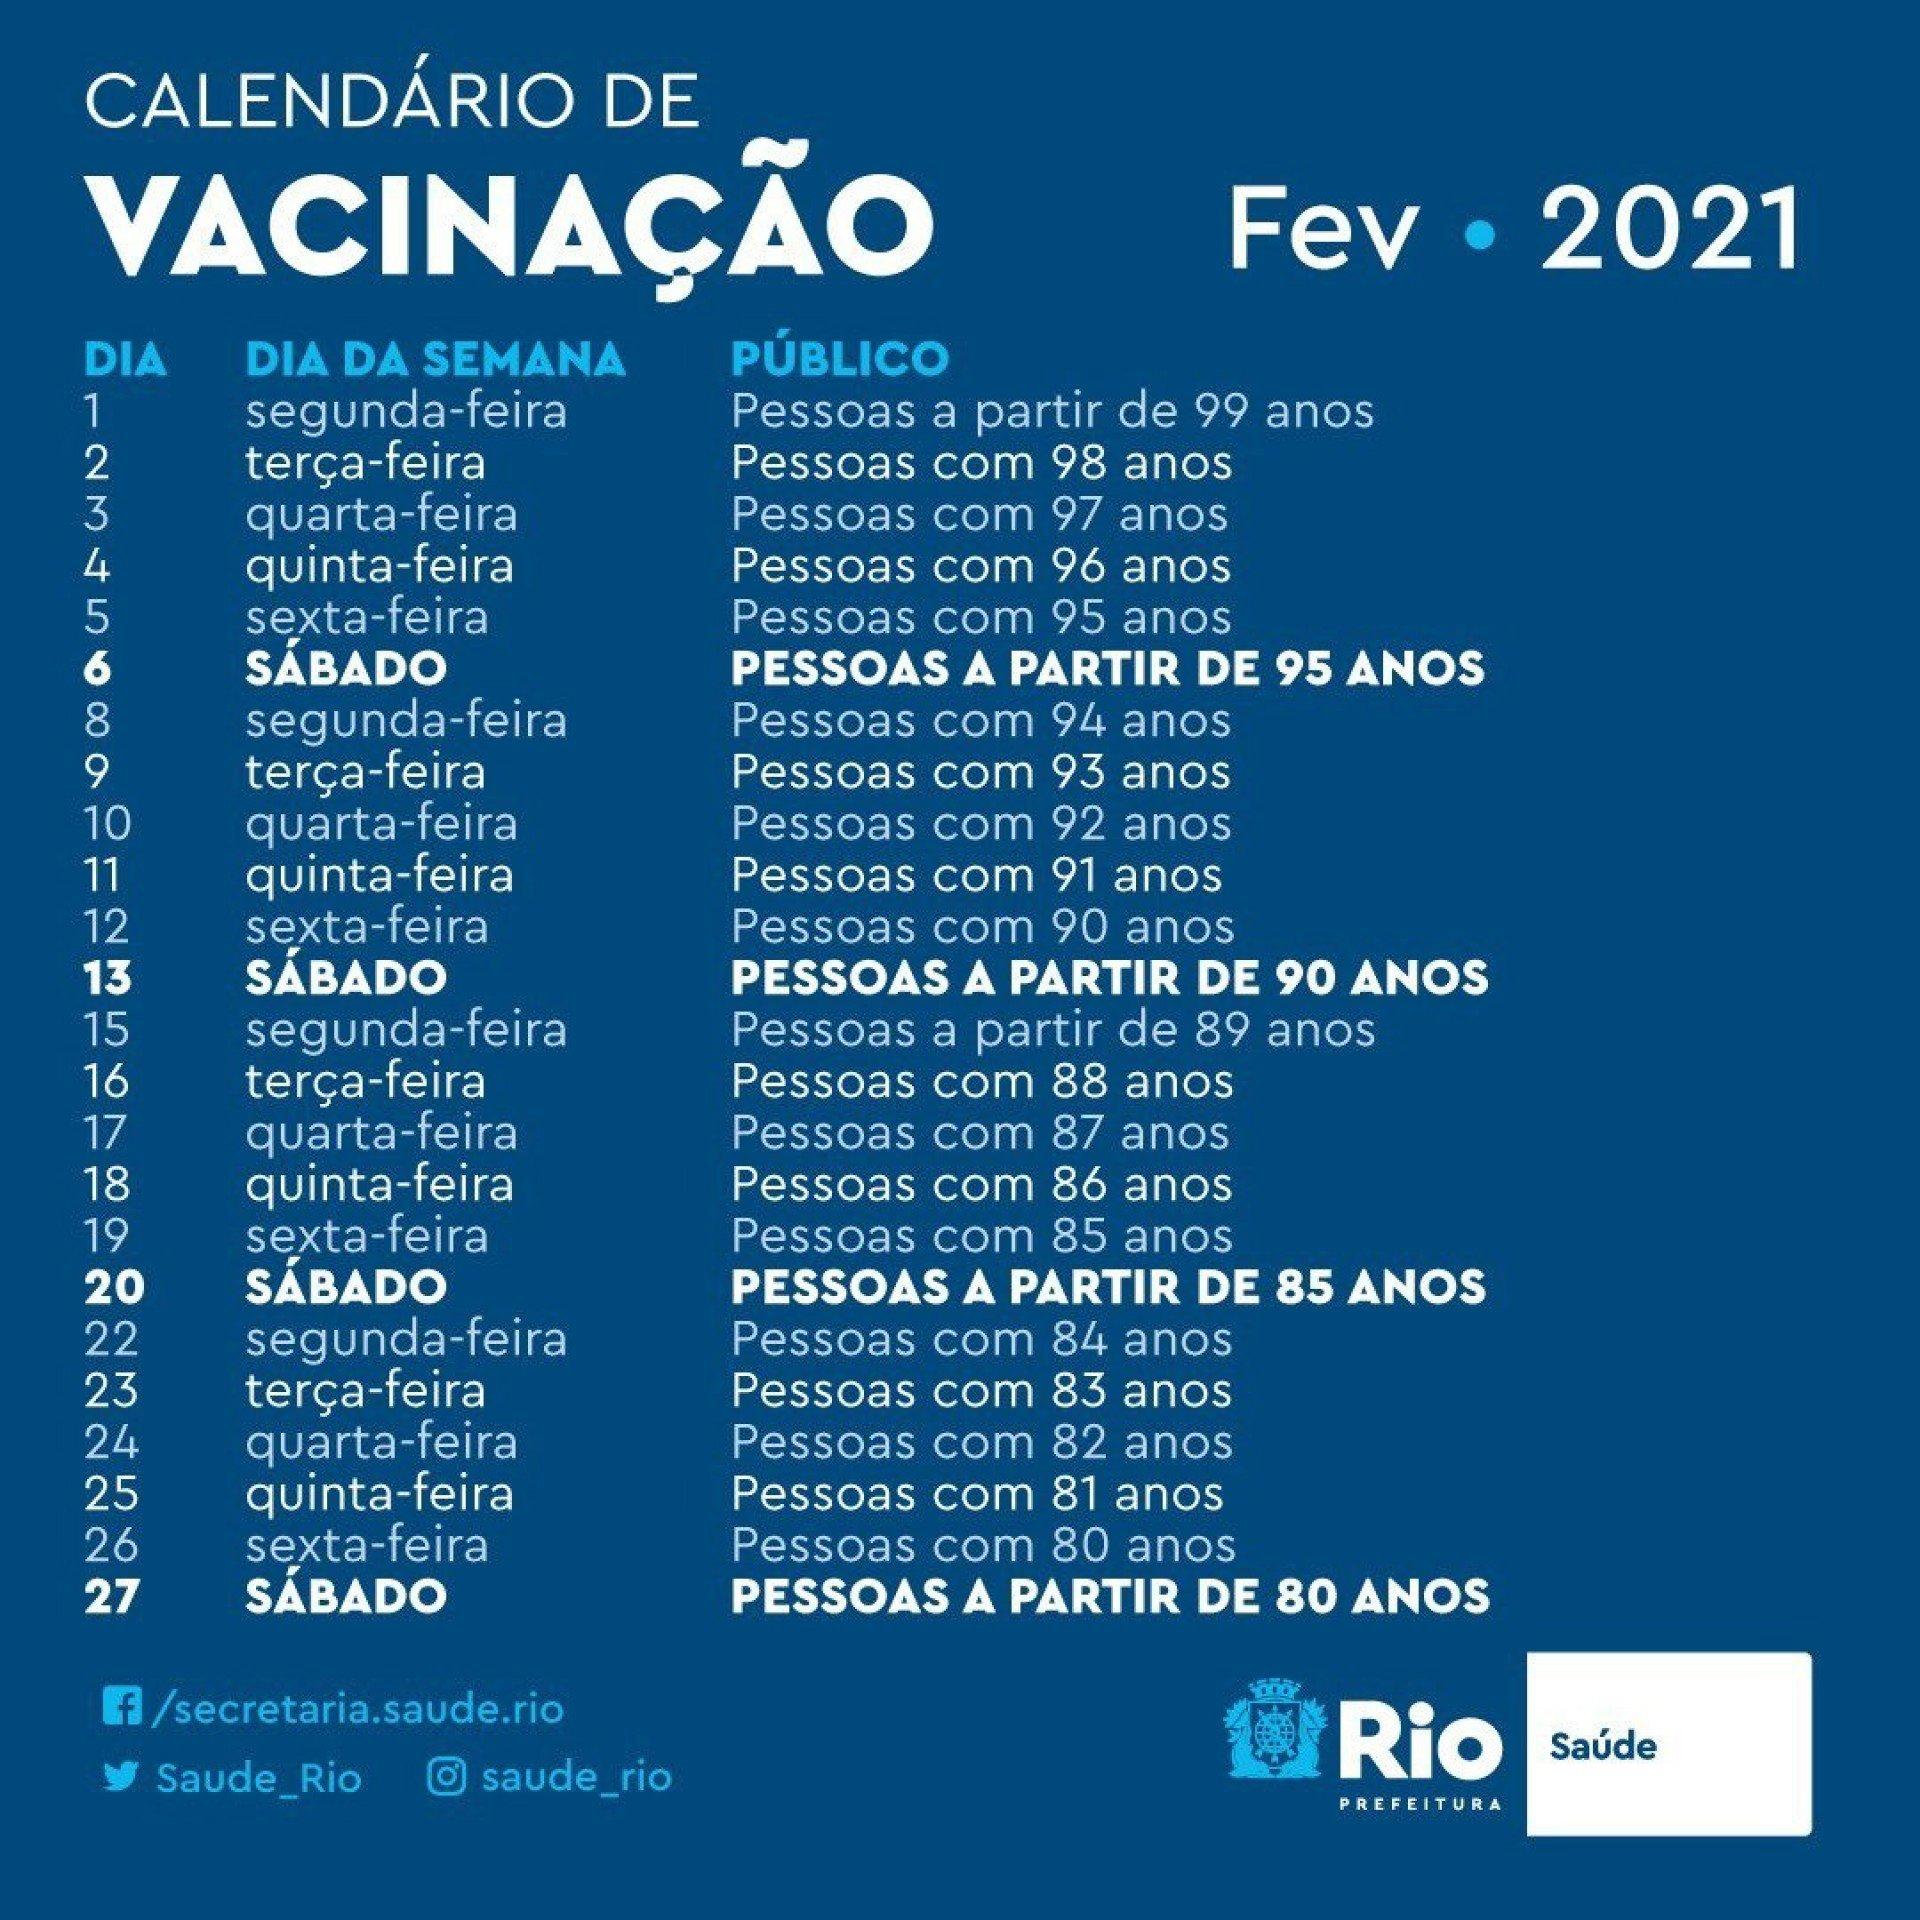 El calendario de vacunación para personas mayores comienza el 1 de febrero - reiniciando Twitter